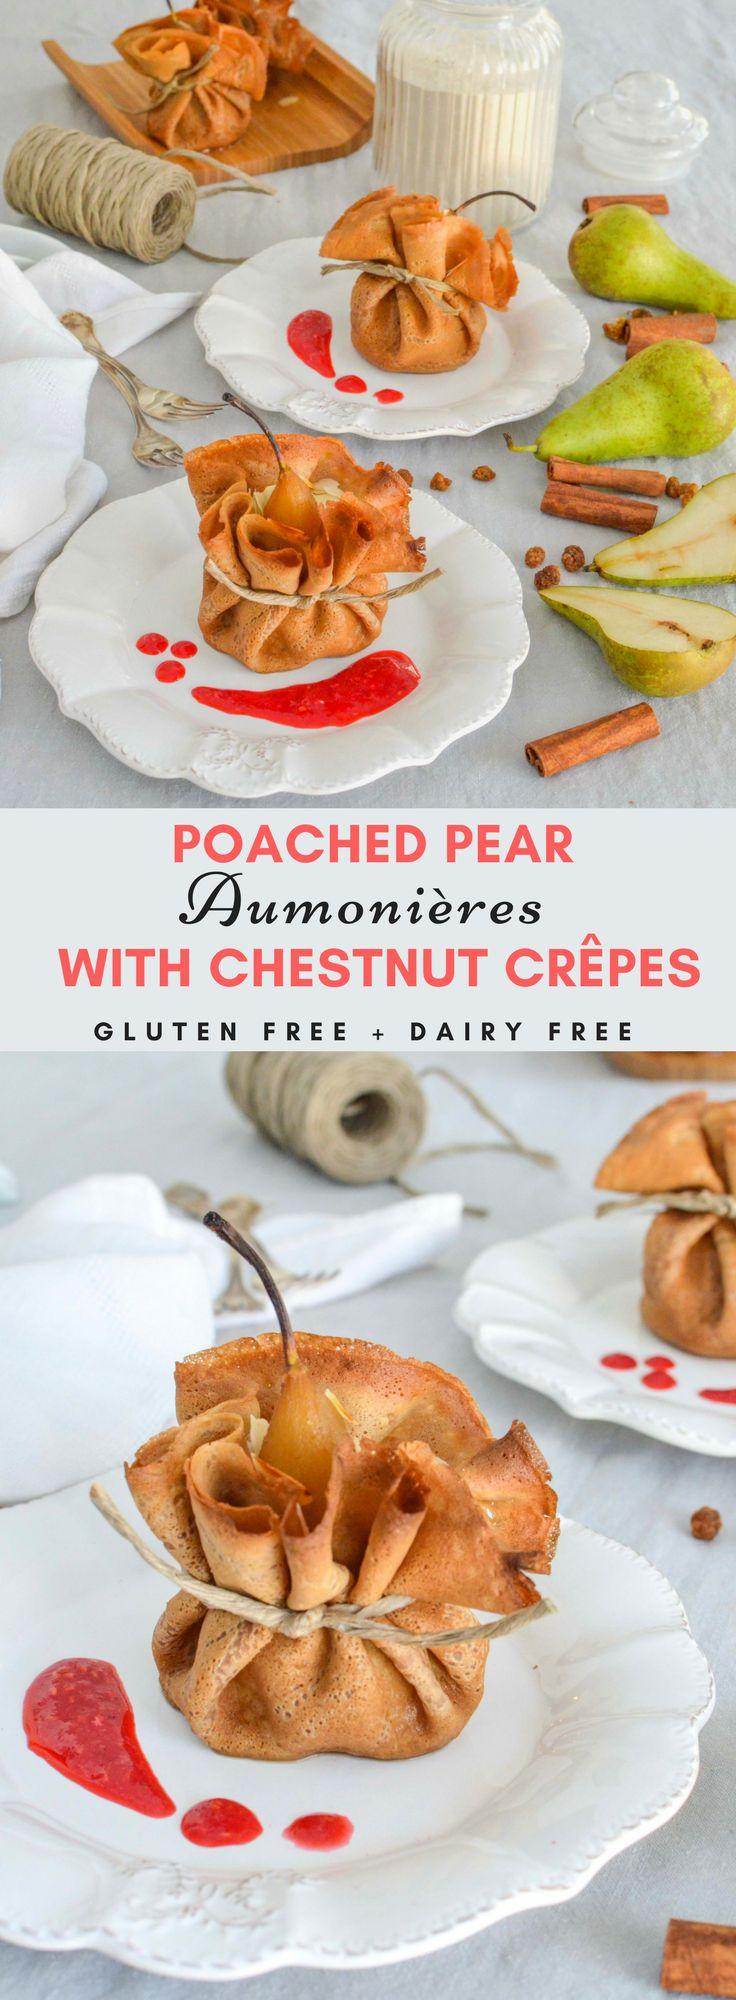 Poached Pears Aumônières with Gluten Free Chestnut Flour Crêpes